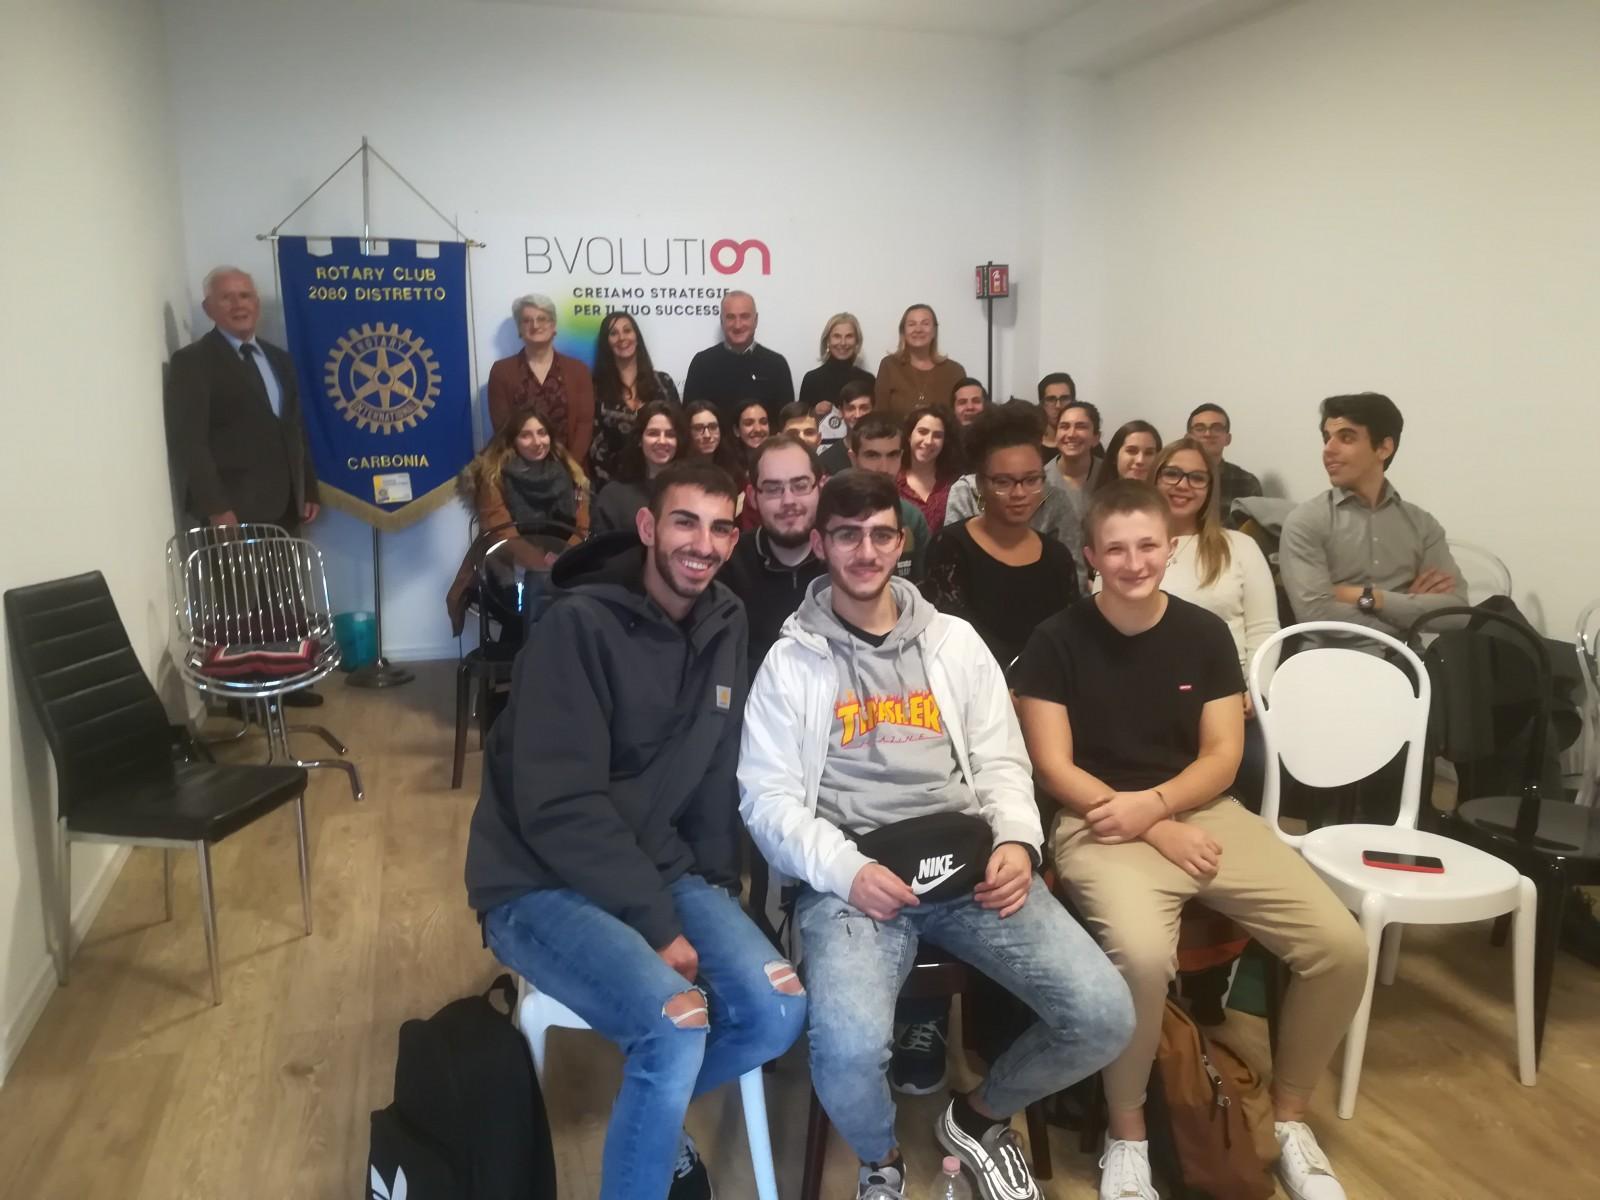 """Gallery - Progetto """"Alternanza Scuola-Lavoro"""" Seminario formazione presso BVolution srl"""